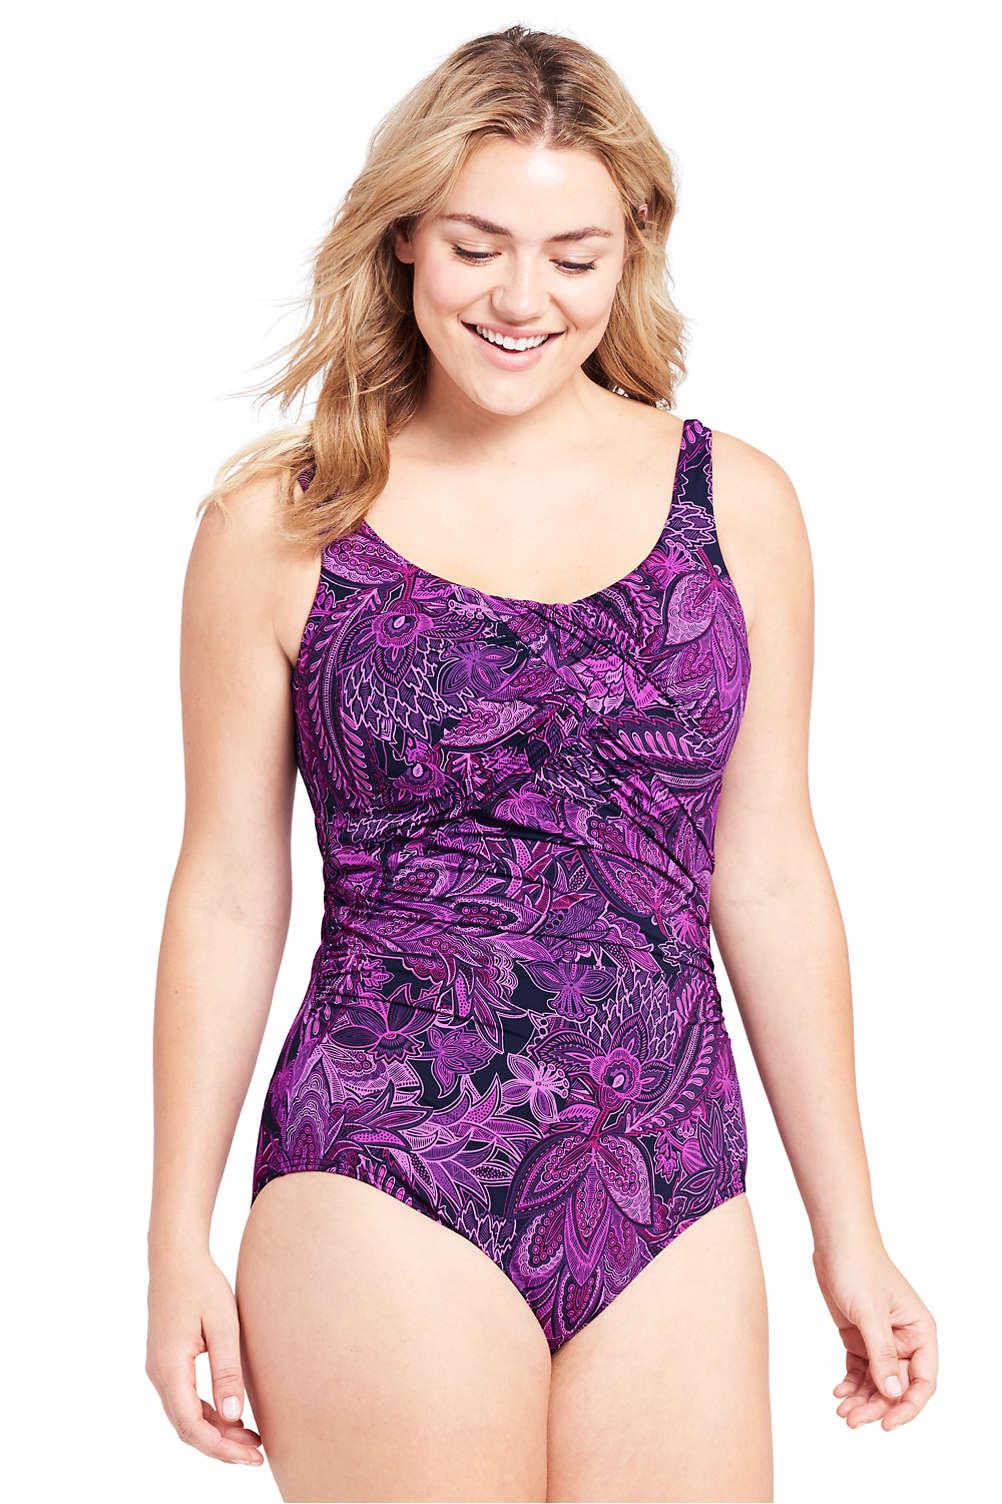 2eba9b3f372 Women's Plus Size Slender Underwire Carmela One Piece Swimsuit with Tummy  Control